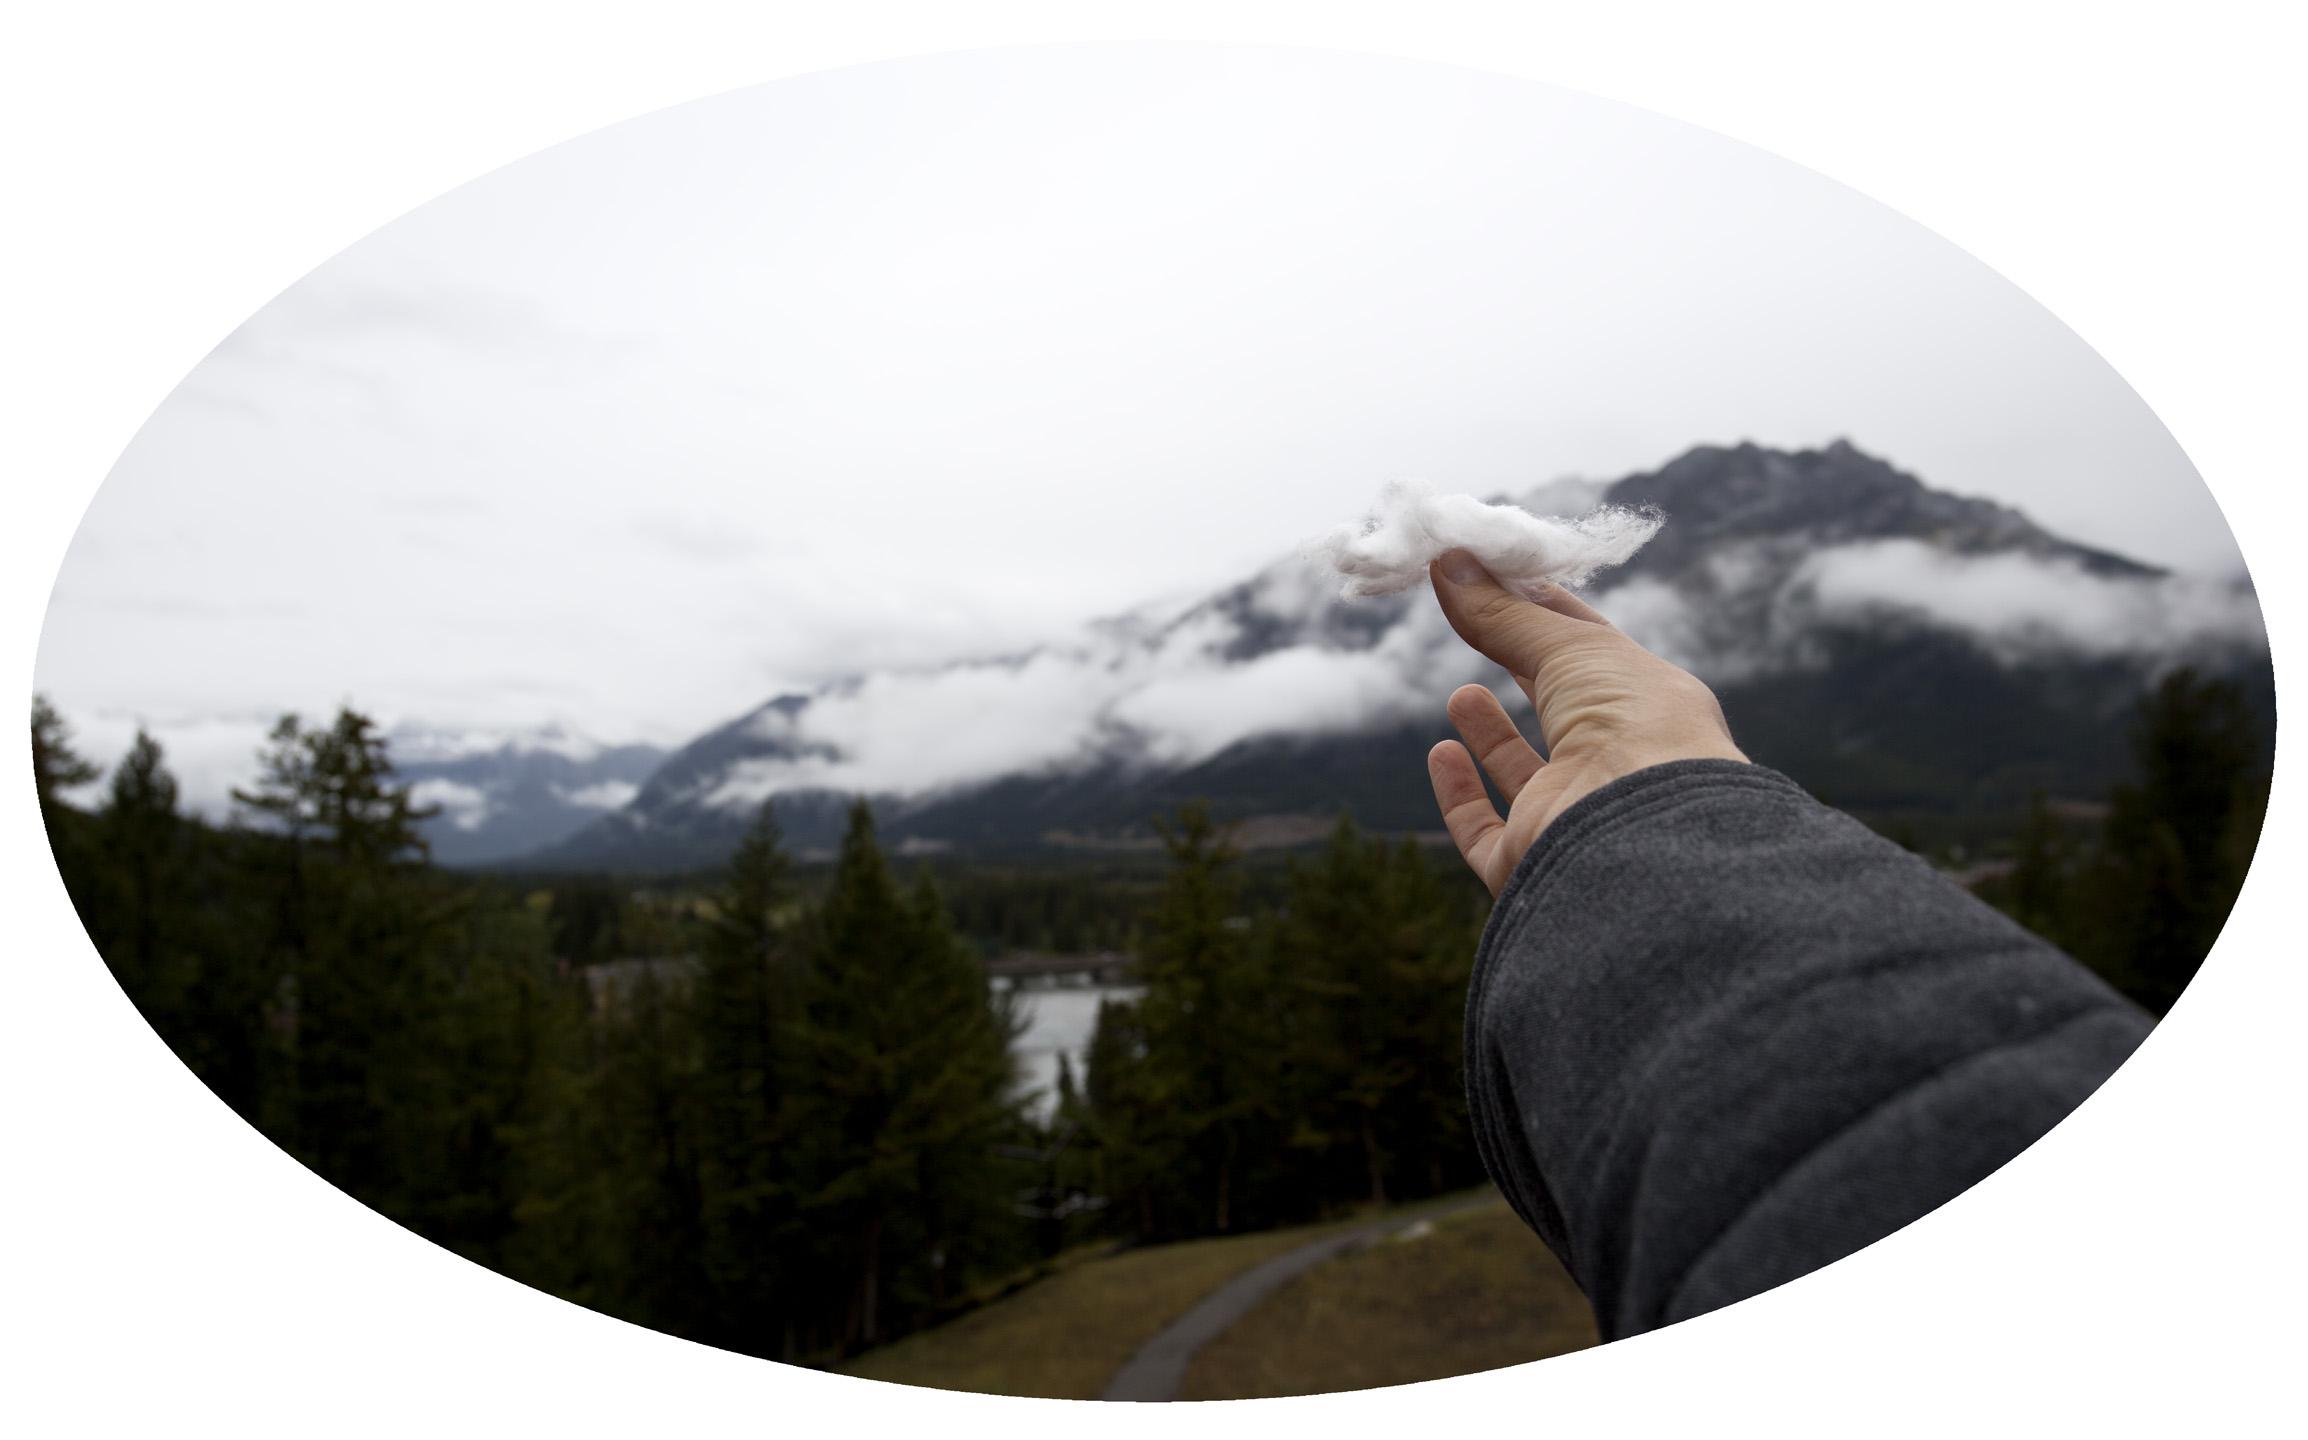 Daniela Edburg - fotografia de un una mano que sostiene un trozo de algodón en un paisaje con nubes